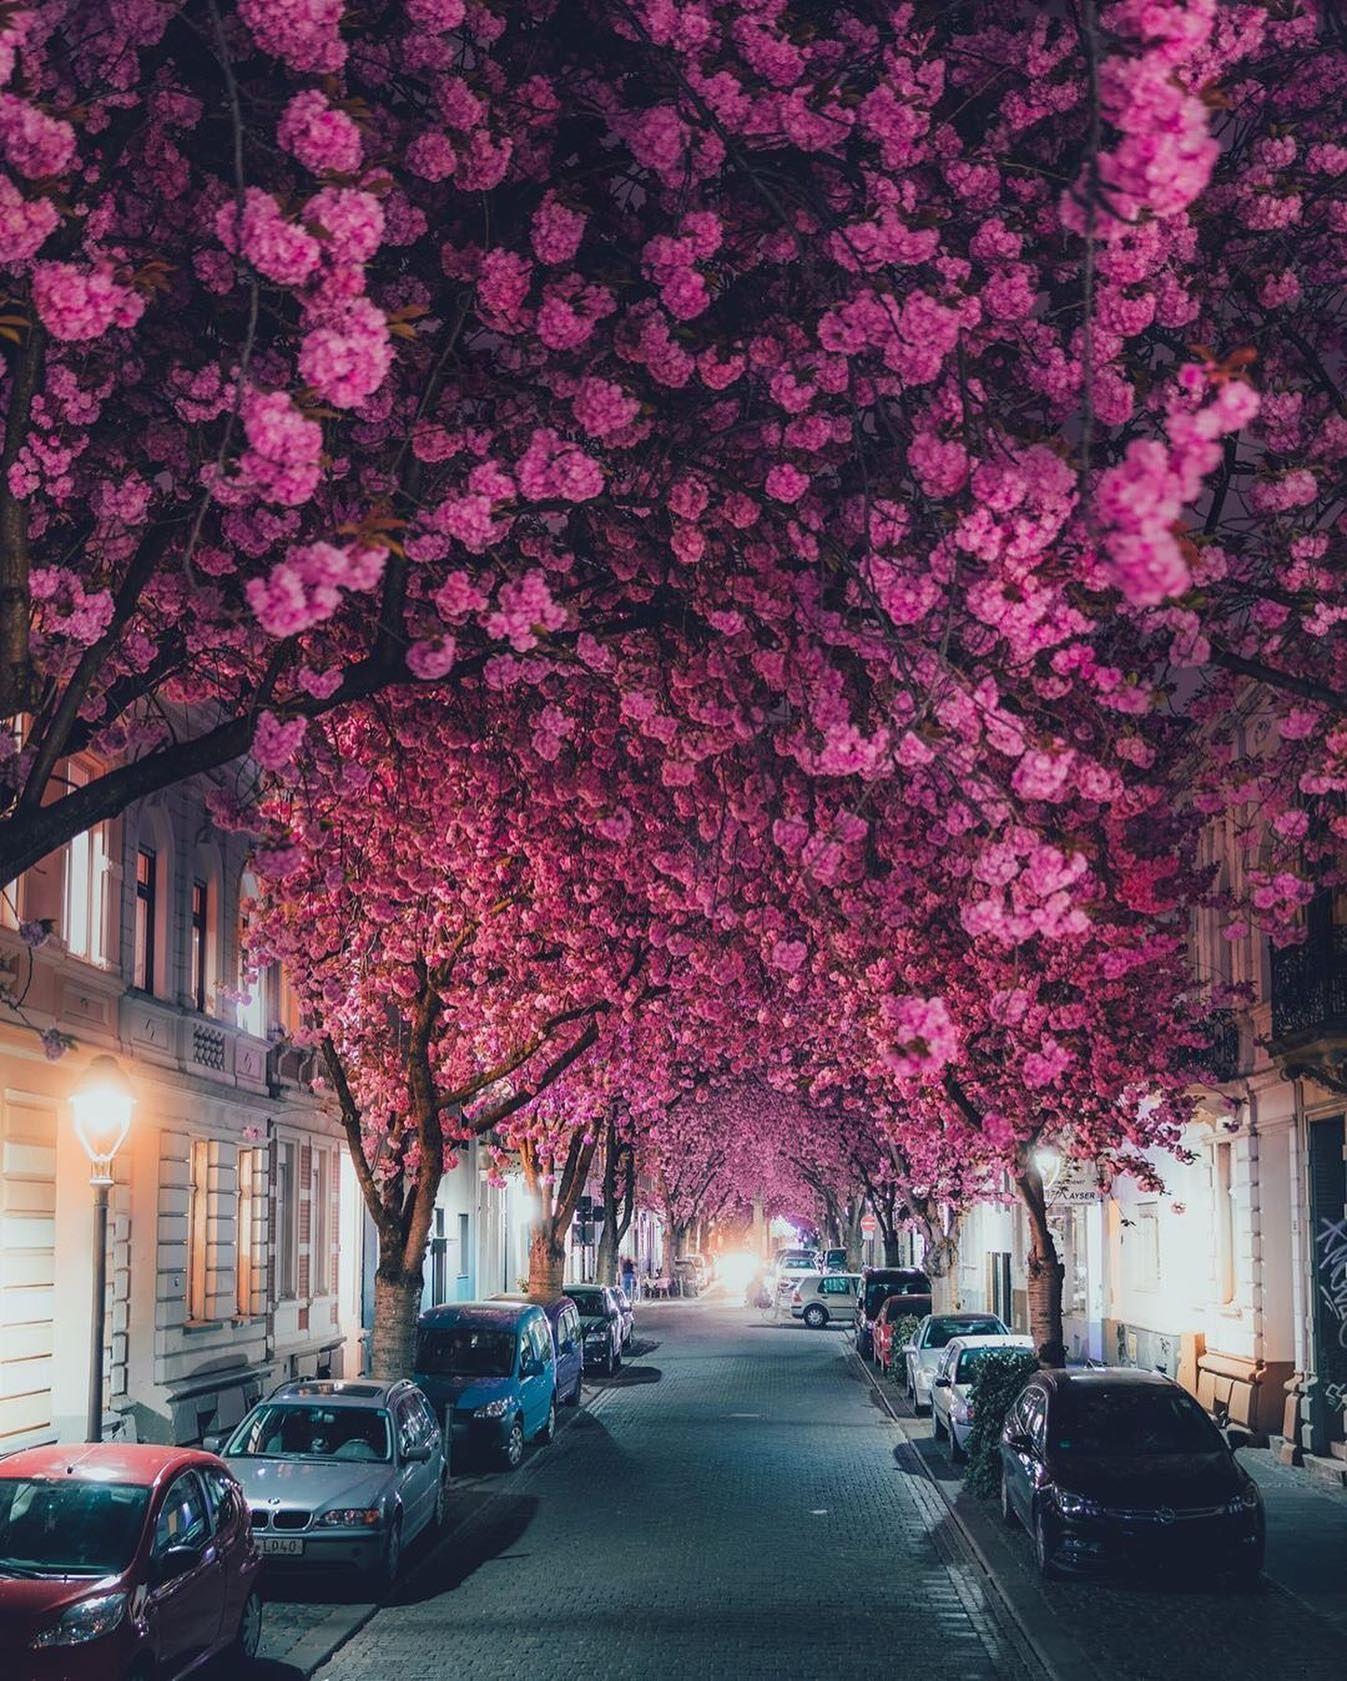 The beauty of spring season 🌸• Planet Earth 📷 @lennart # ...